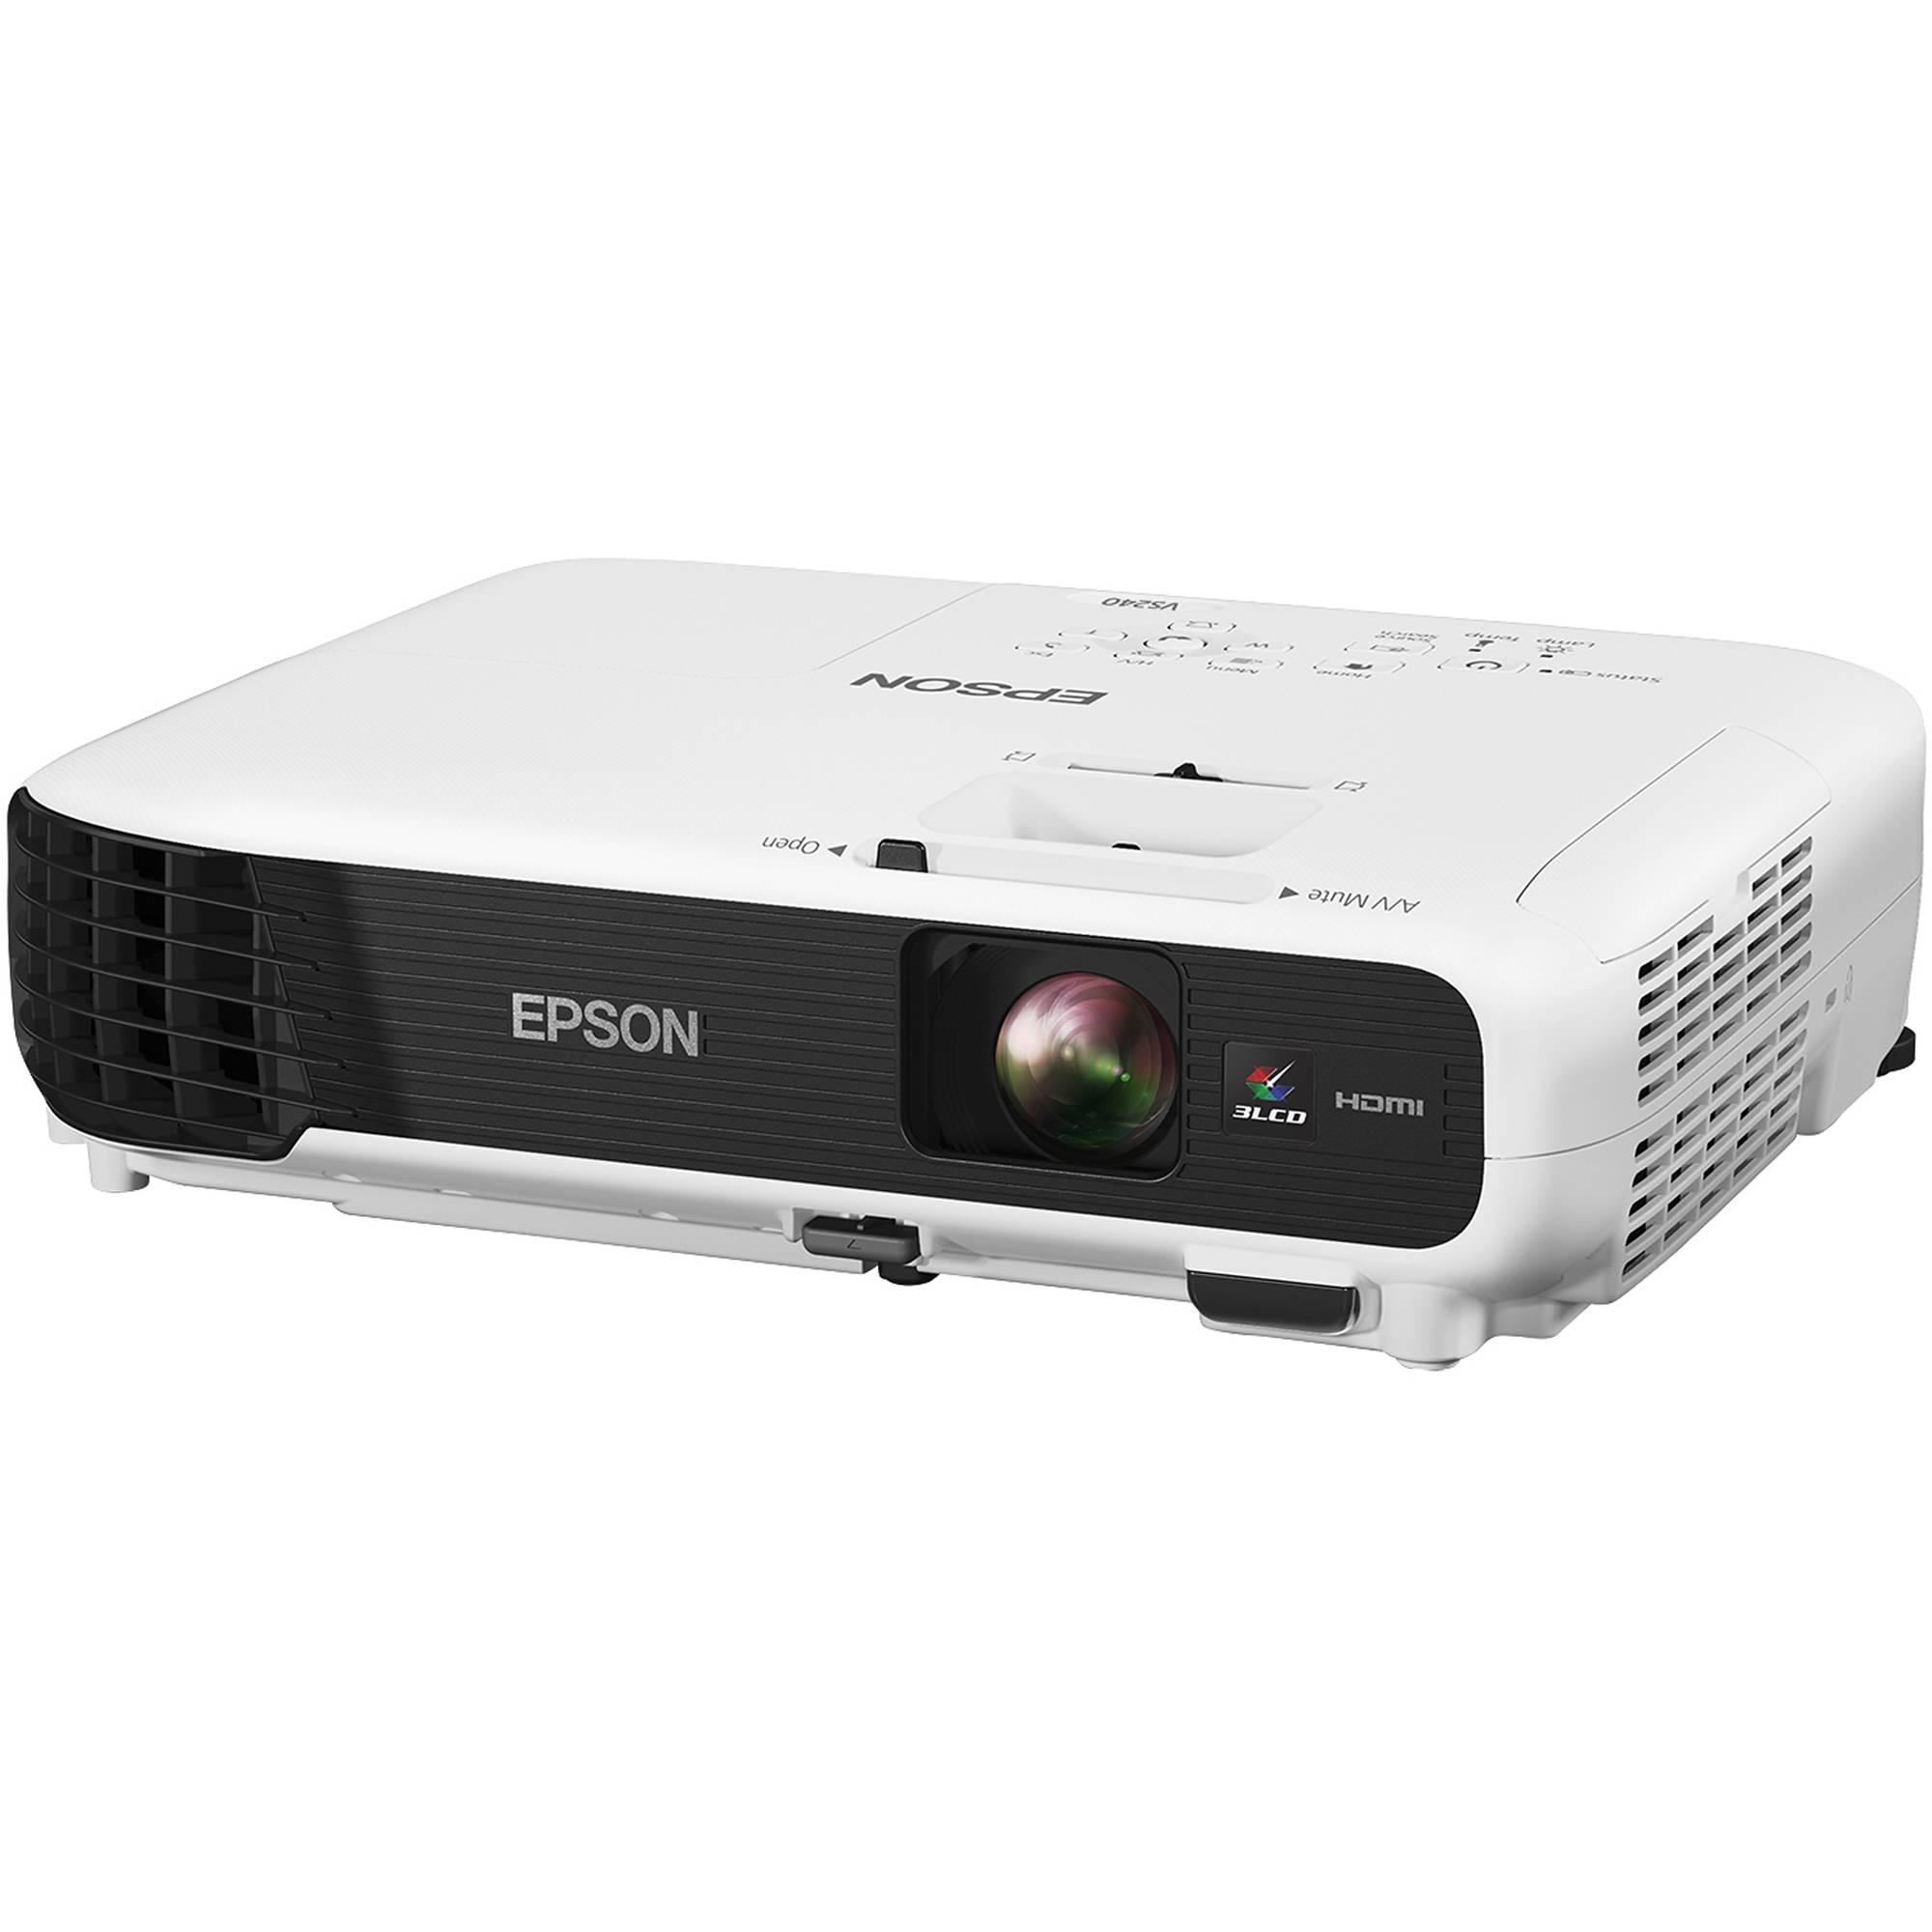 ÙتÛج٠تصÙÛØ±Û Ø¨Ø±Ø§Û âªvideo projector VS240â¬â